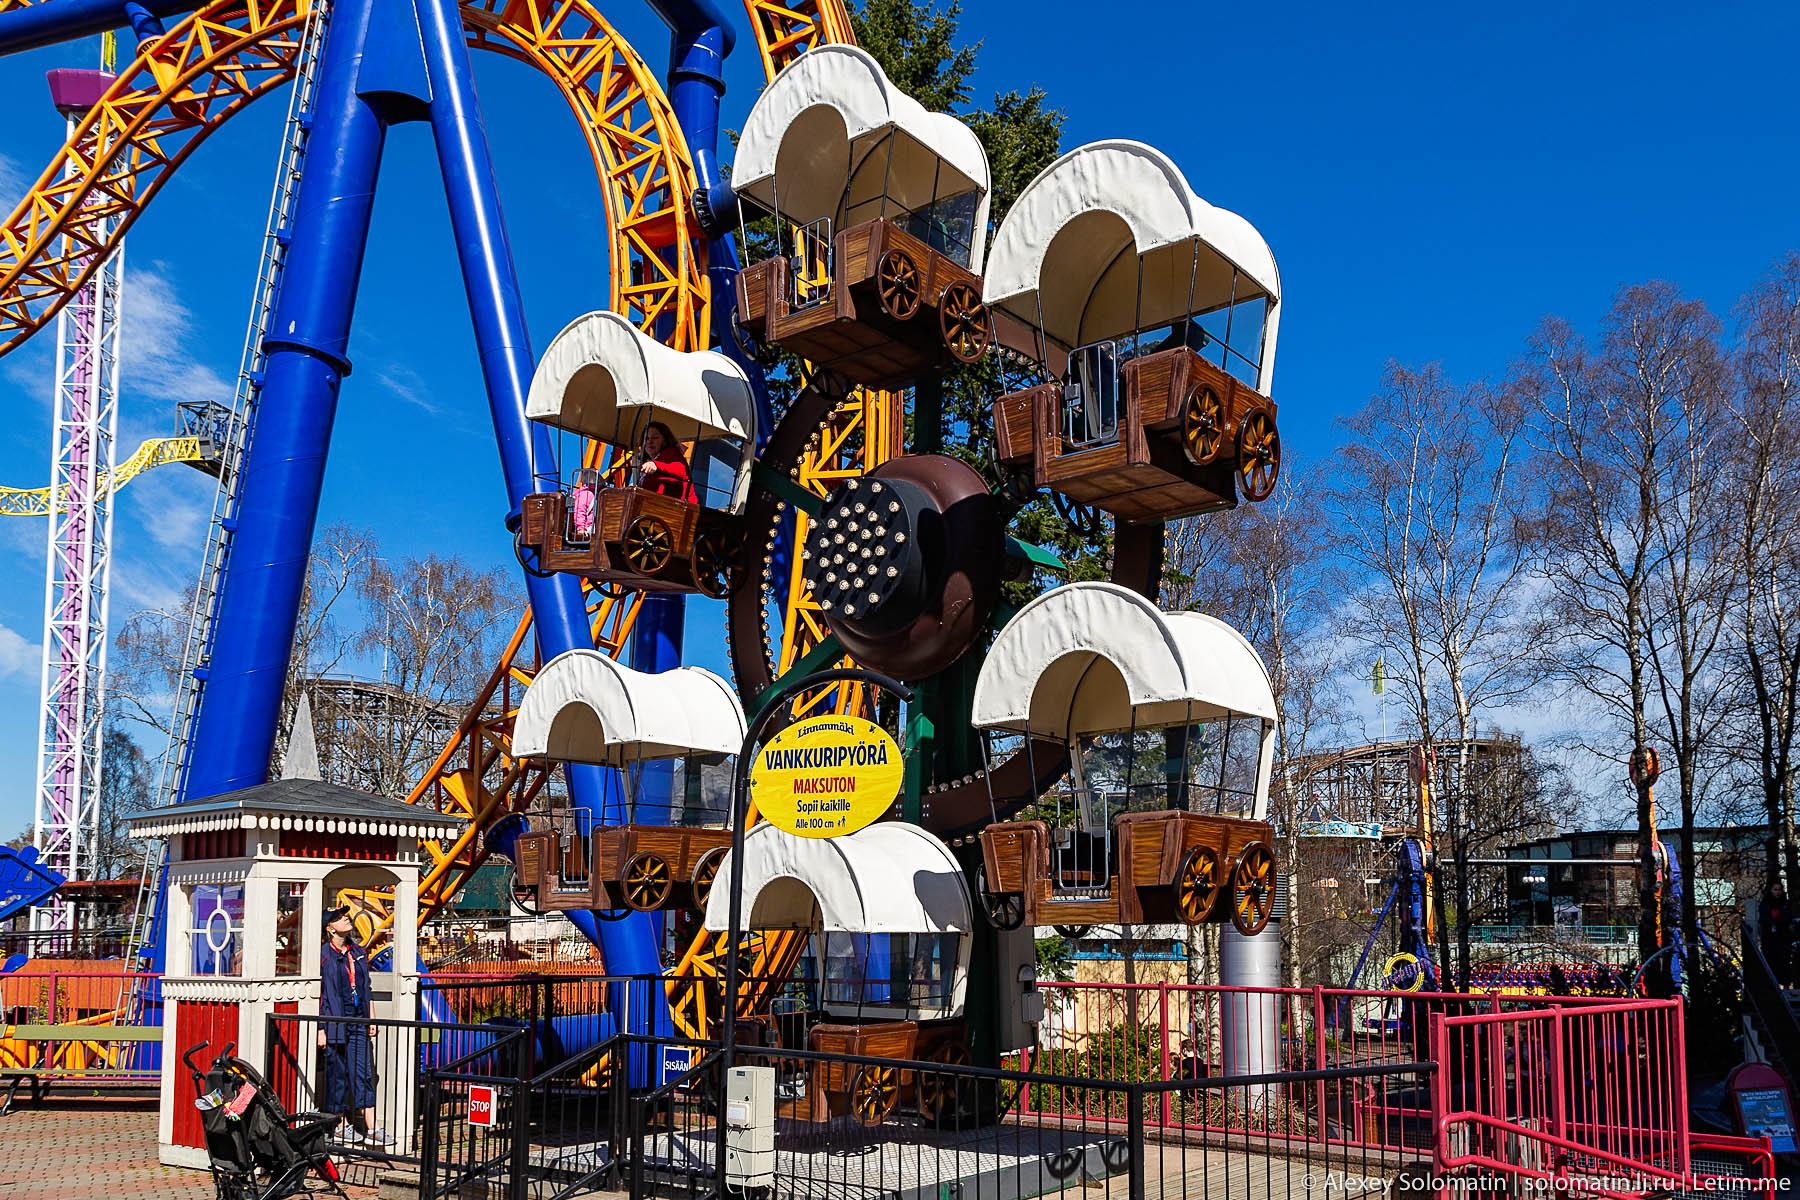 Парк развлечений Линнанмяки в Хельсинки парка, Линнанмяки, аттракционов, парке, аттракционы, Хельсинки, аттракцион, горки, находится, американские, детей, развлечений, метров, можно, этого, который, здесь, защиты, бесплатных, территории